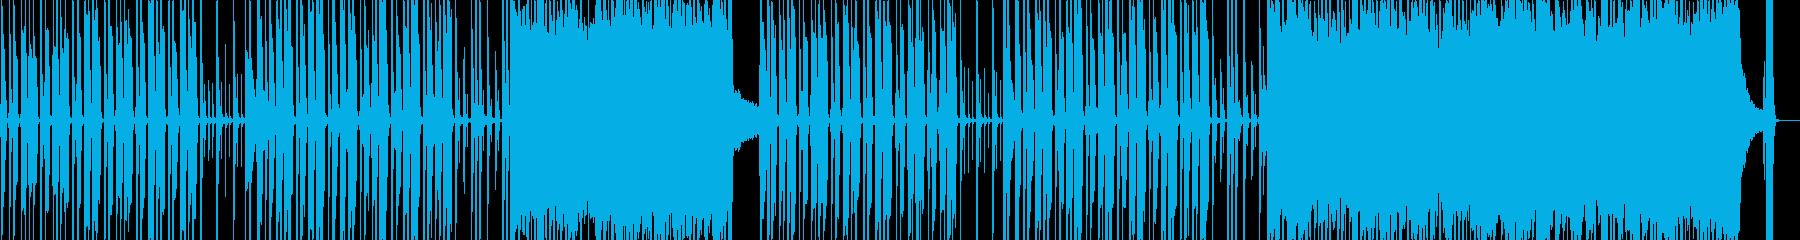 ベースが主役のロック調イントロの再生済みの波形